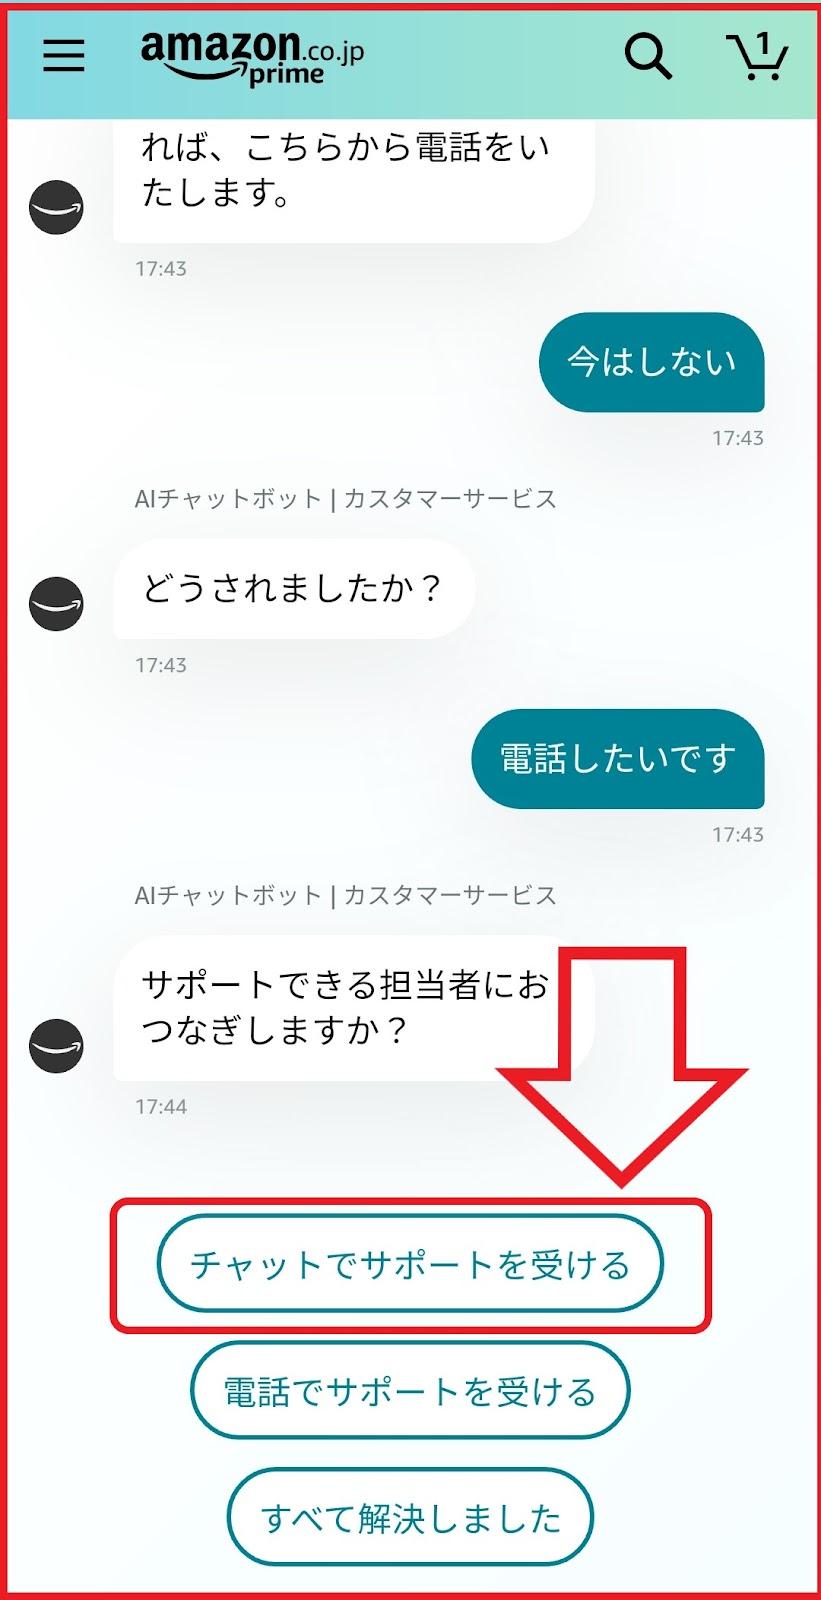 カスタマー・サービスに問い合わせる方法、チャットで連絡する(スマホの場合)、手順5